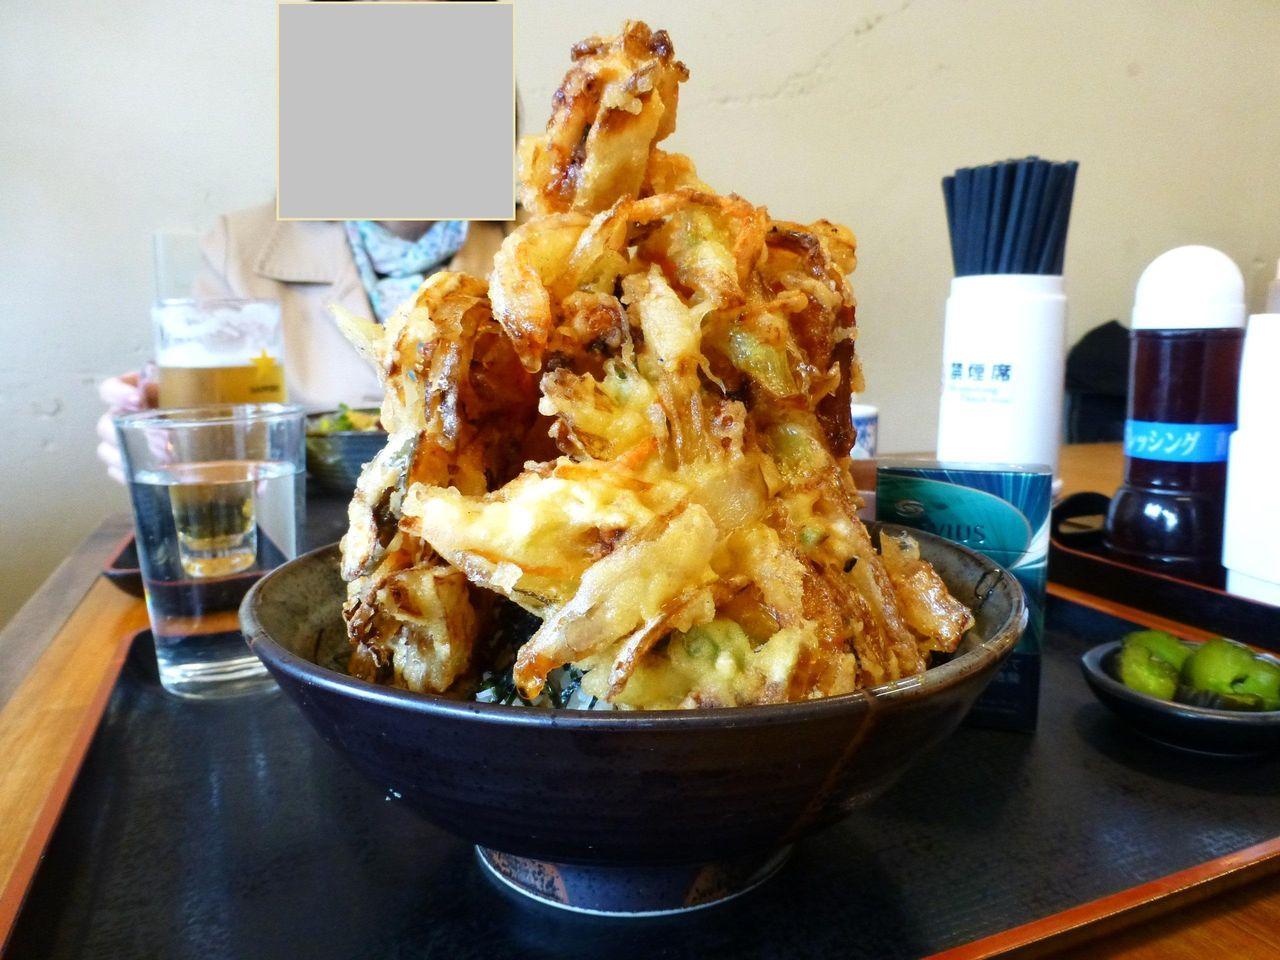 逗子の「めしやっちゃん」で、超高層かき揚げタワー丼!